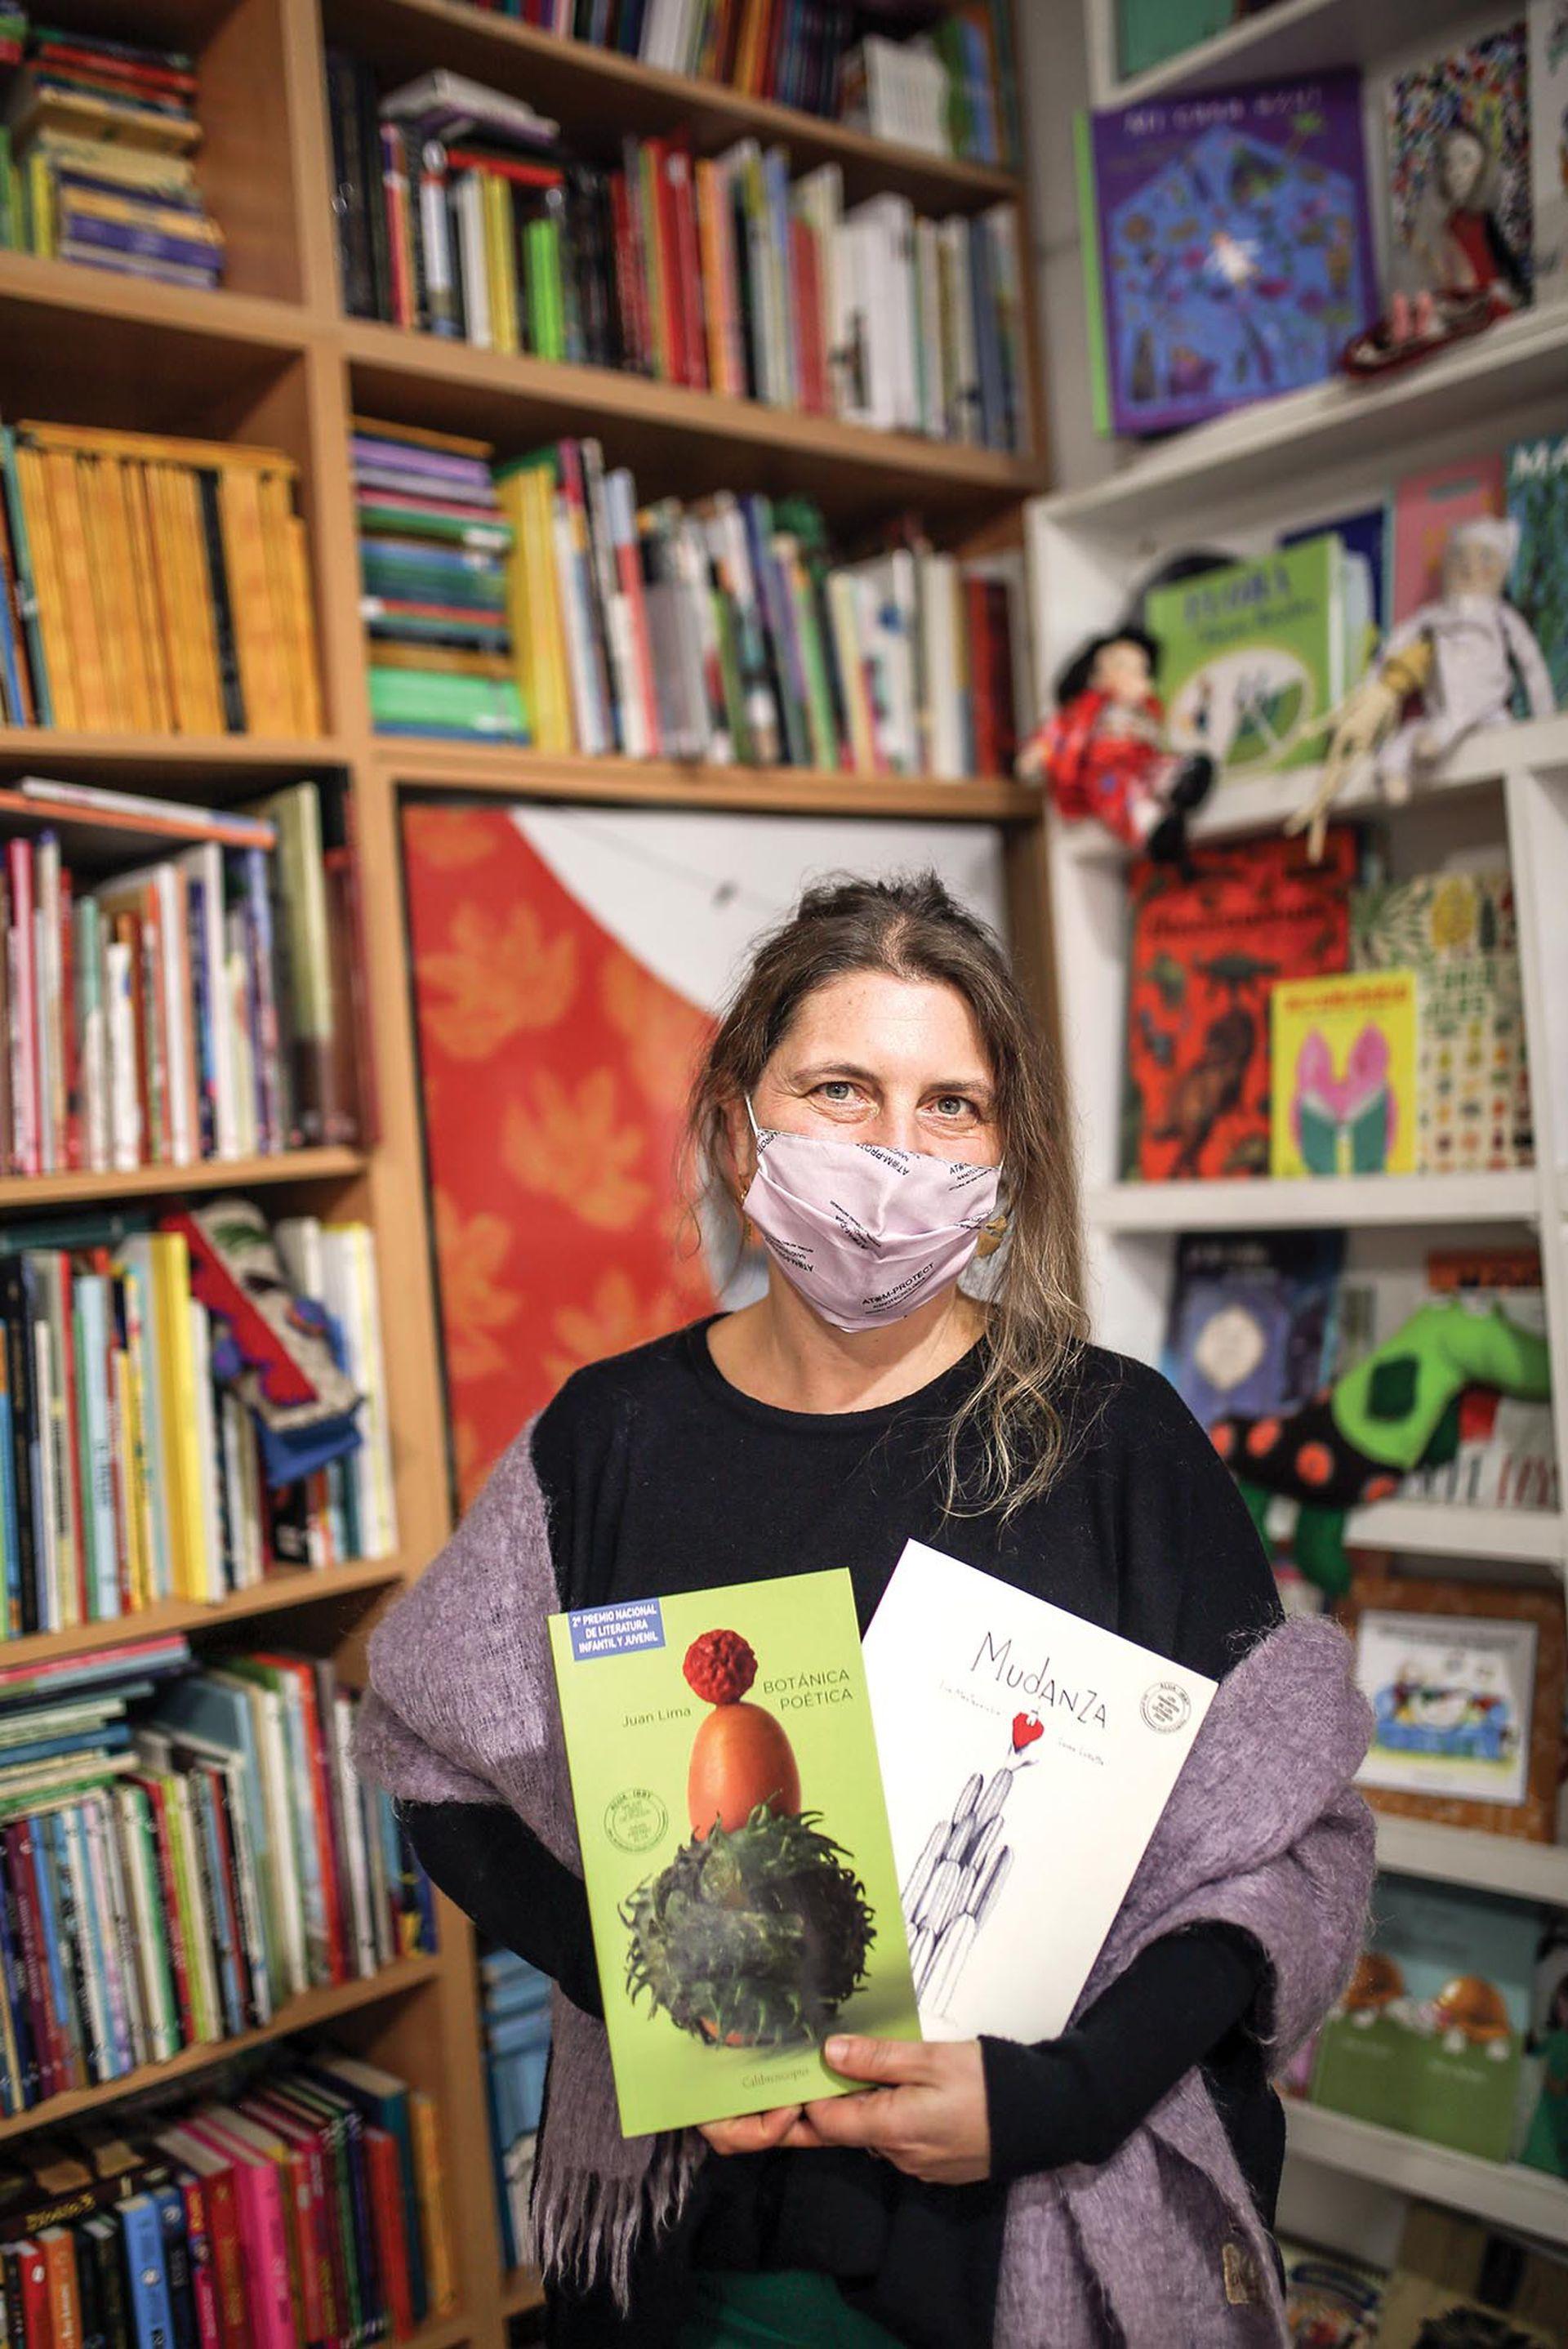 """Judith (49). Librería: El libro de Arena, Villa Crespo. ¿Qué es lo que más te gusta del oficio? """"Me encanta juntar libros y lectores, saber qué le puede gustar a un lector particular y recomendarle. Generar esos encuentros""""."""